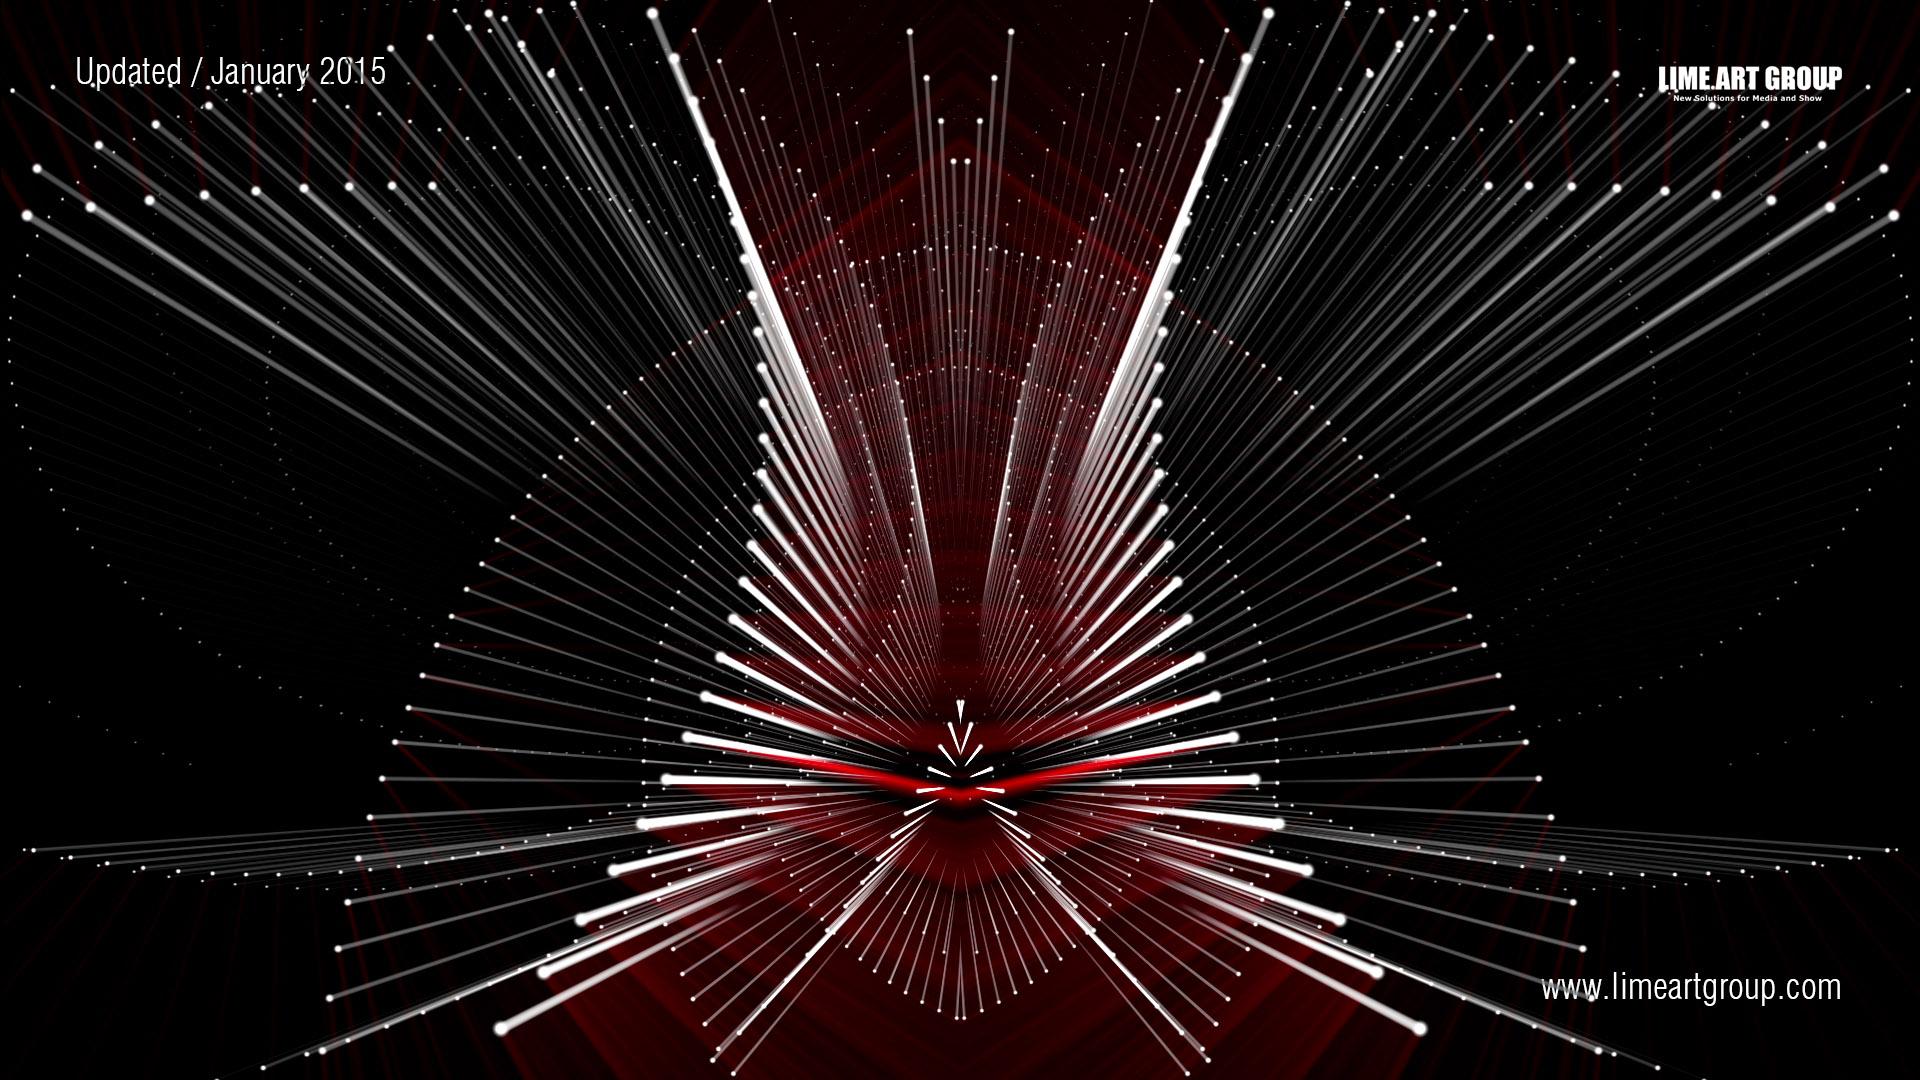 Smart Lines Vj loops video loops 24